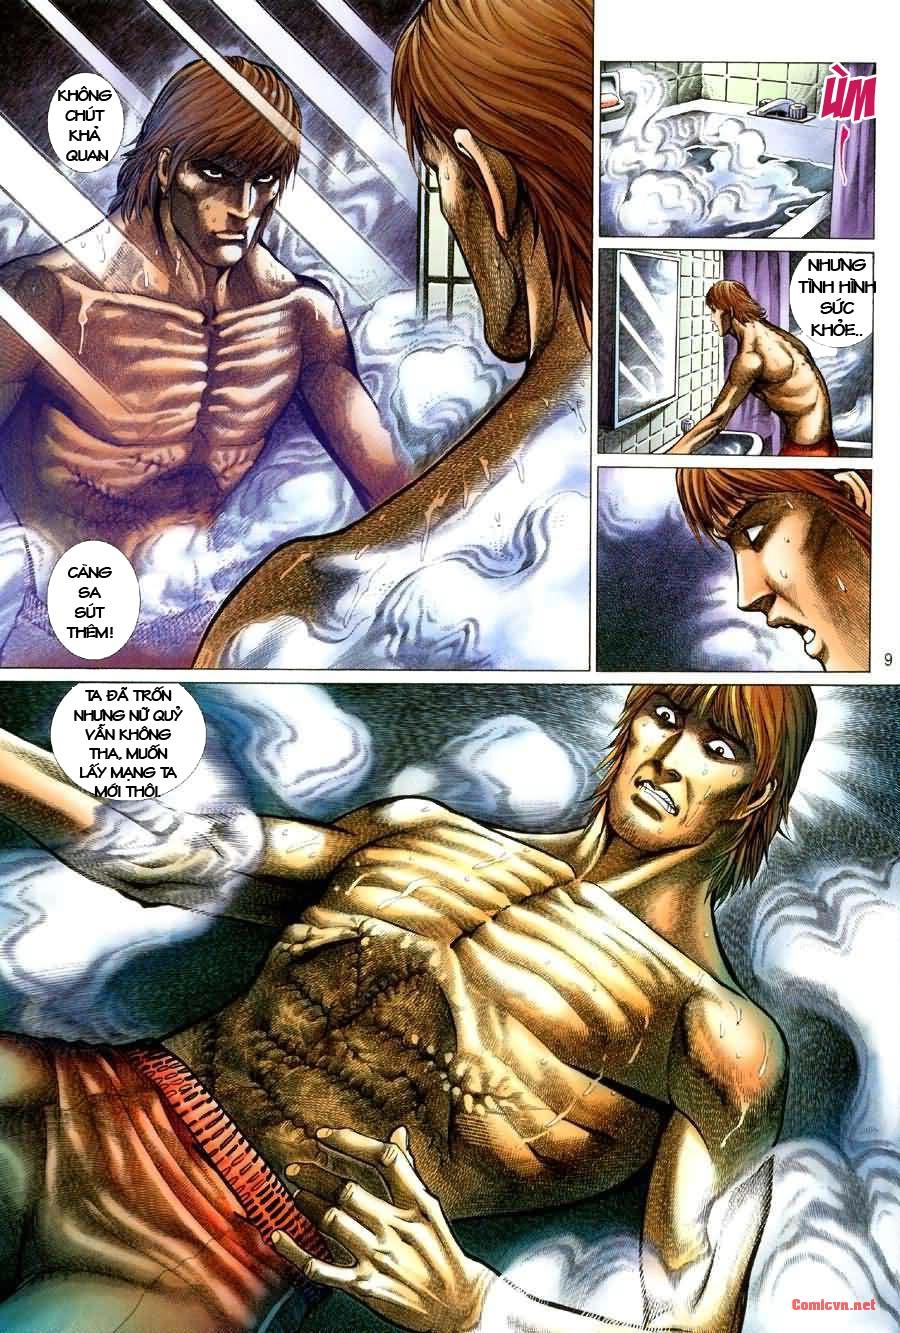 Quỷ Mộ chap 001 trang 9